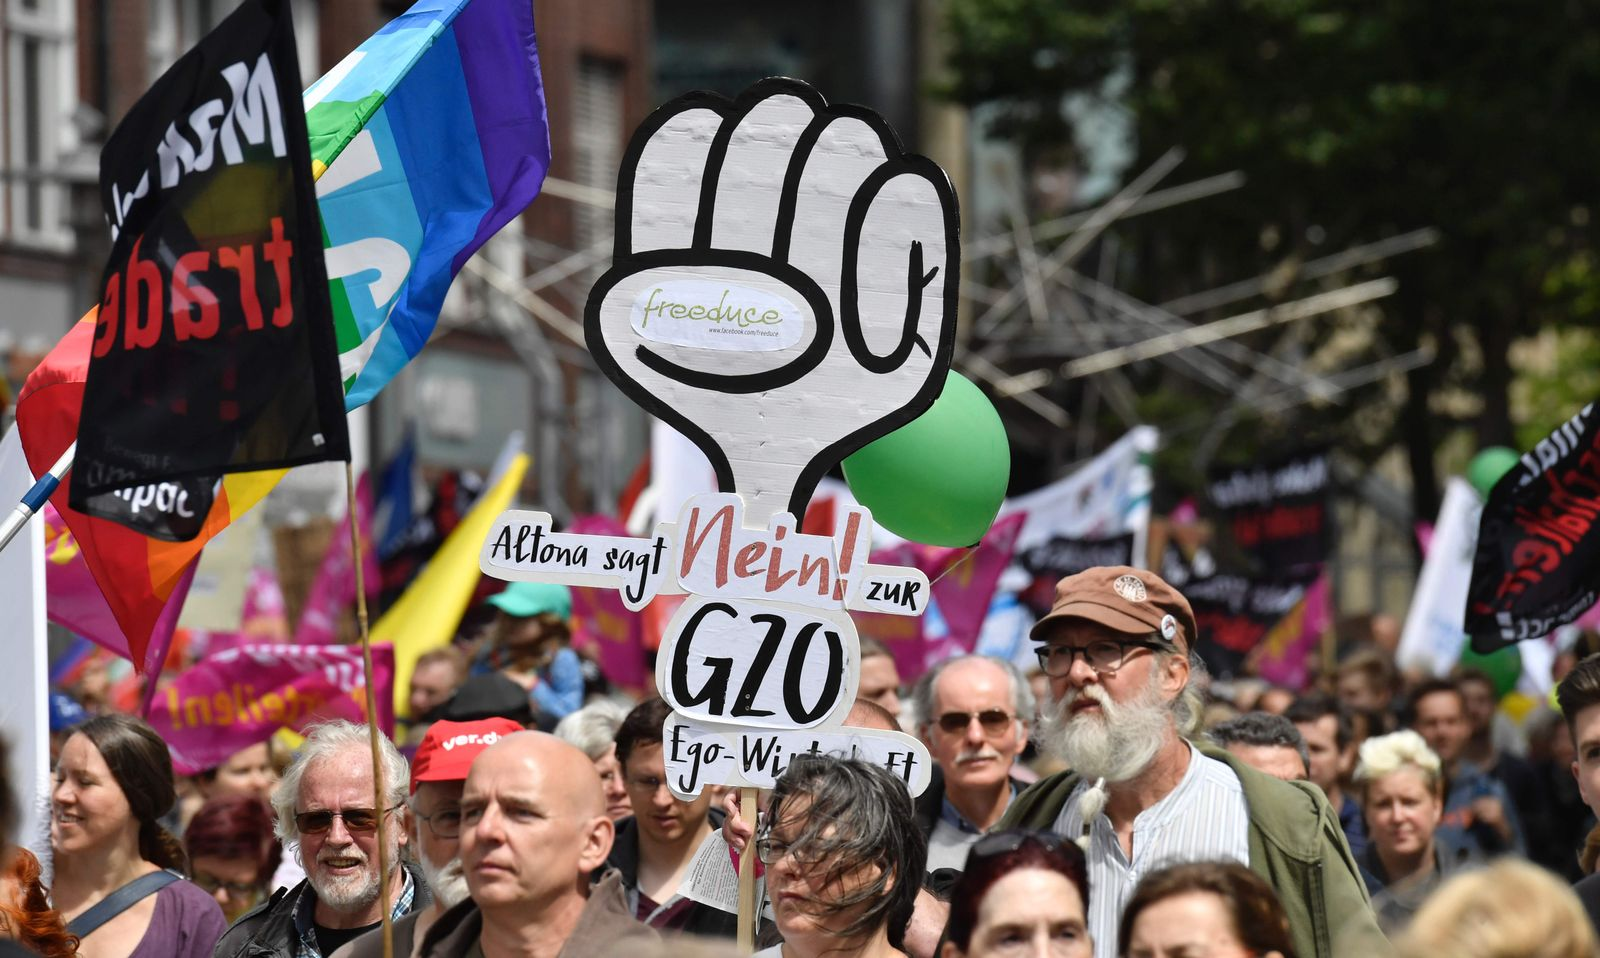 G20 Demonstration